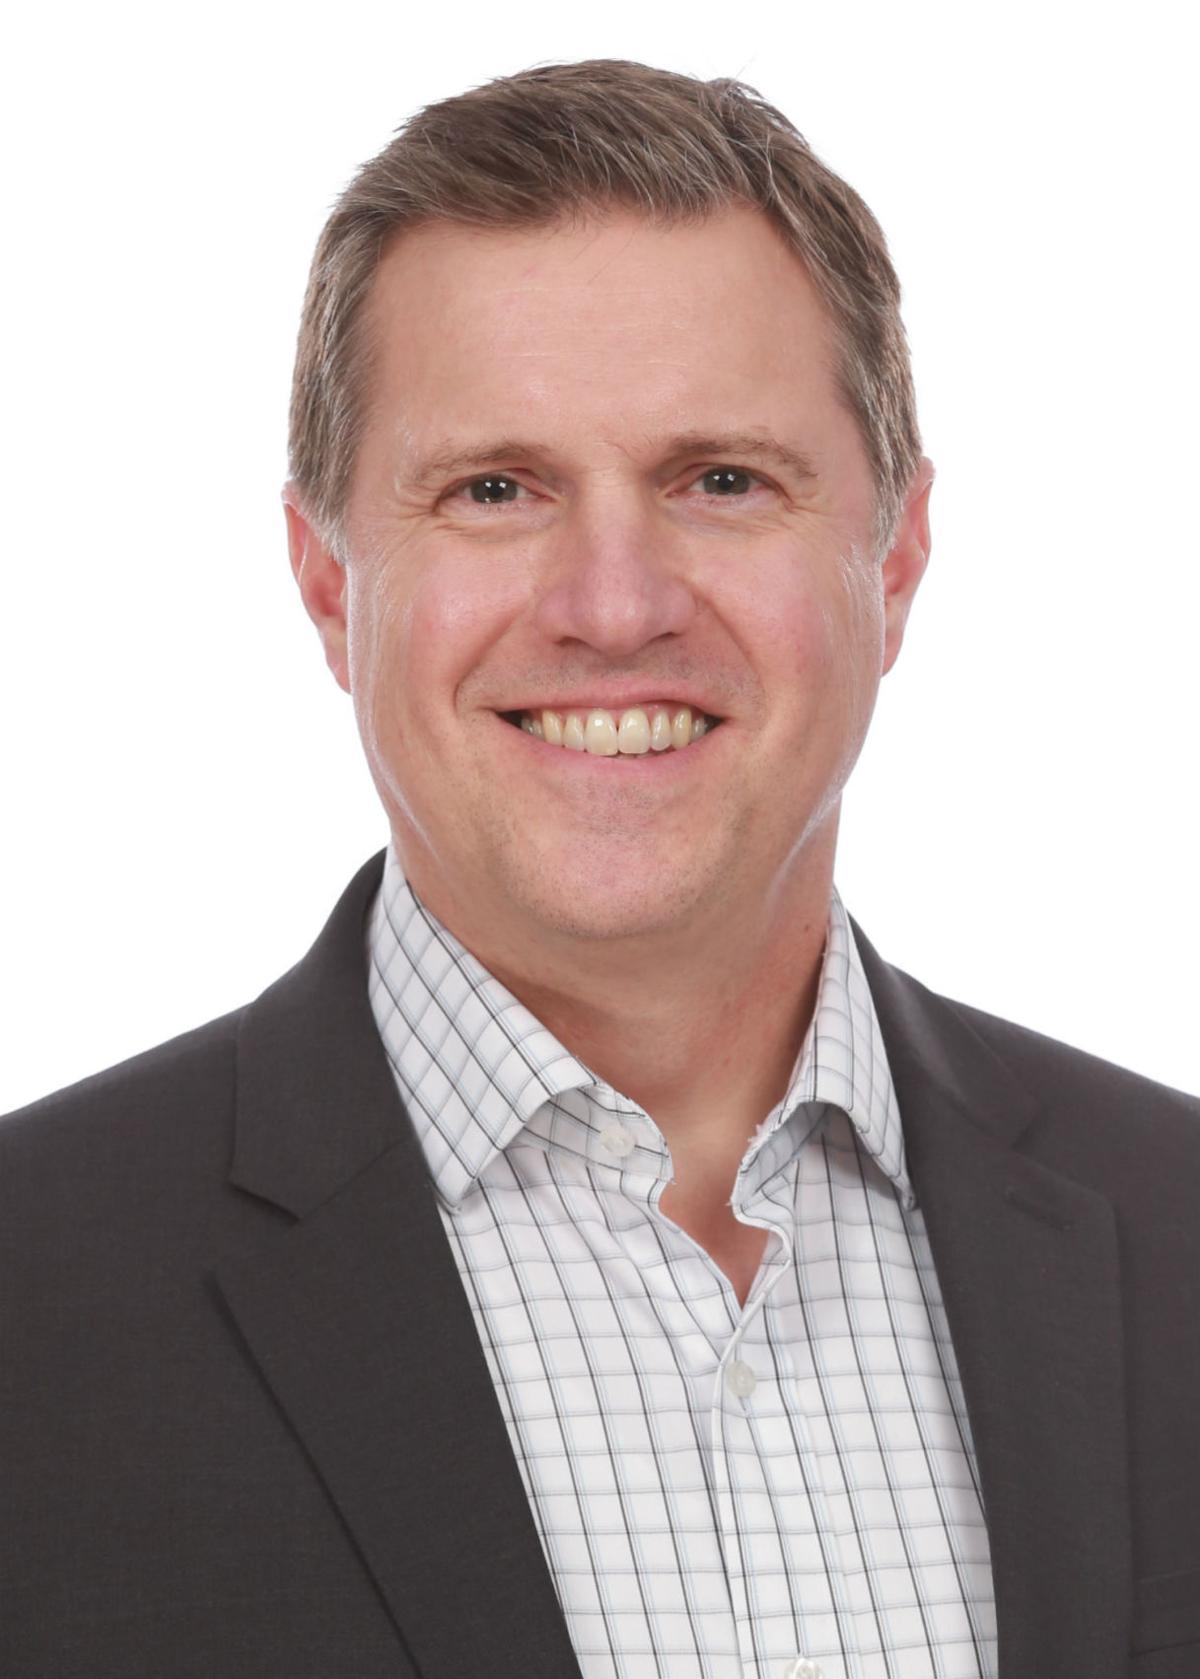 Dr. Kyle Christiason